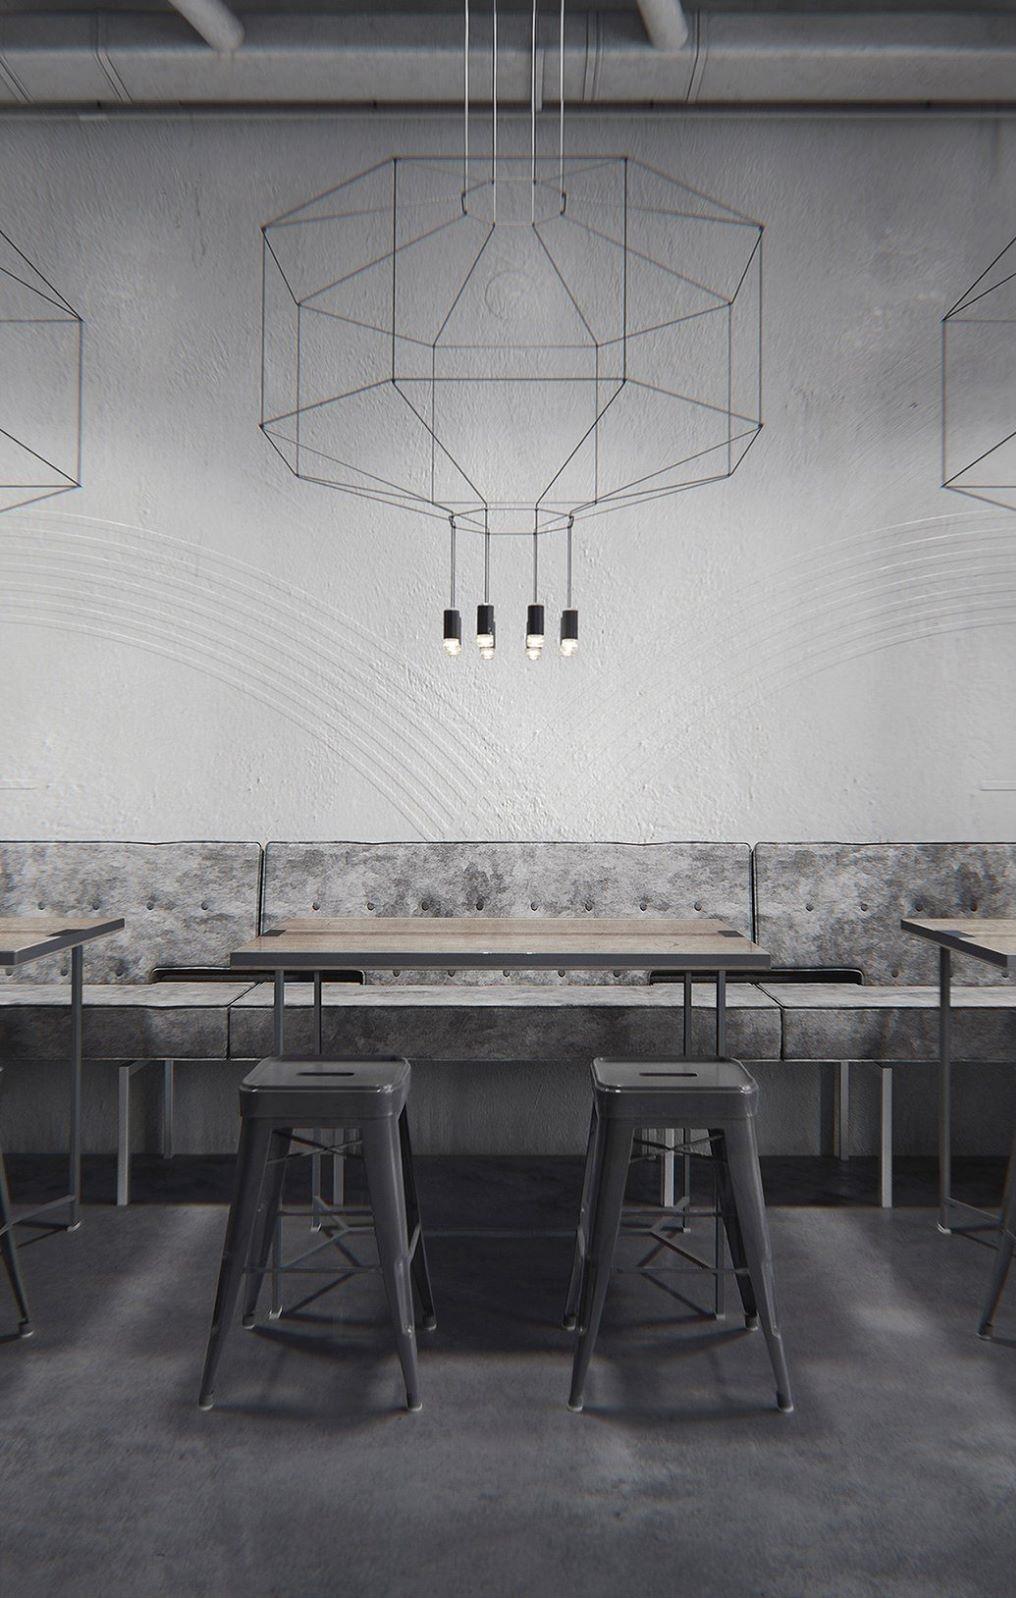 HIKKI Japanese Restaurant by Alexander Yukhimets.